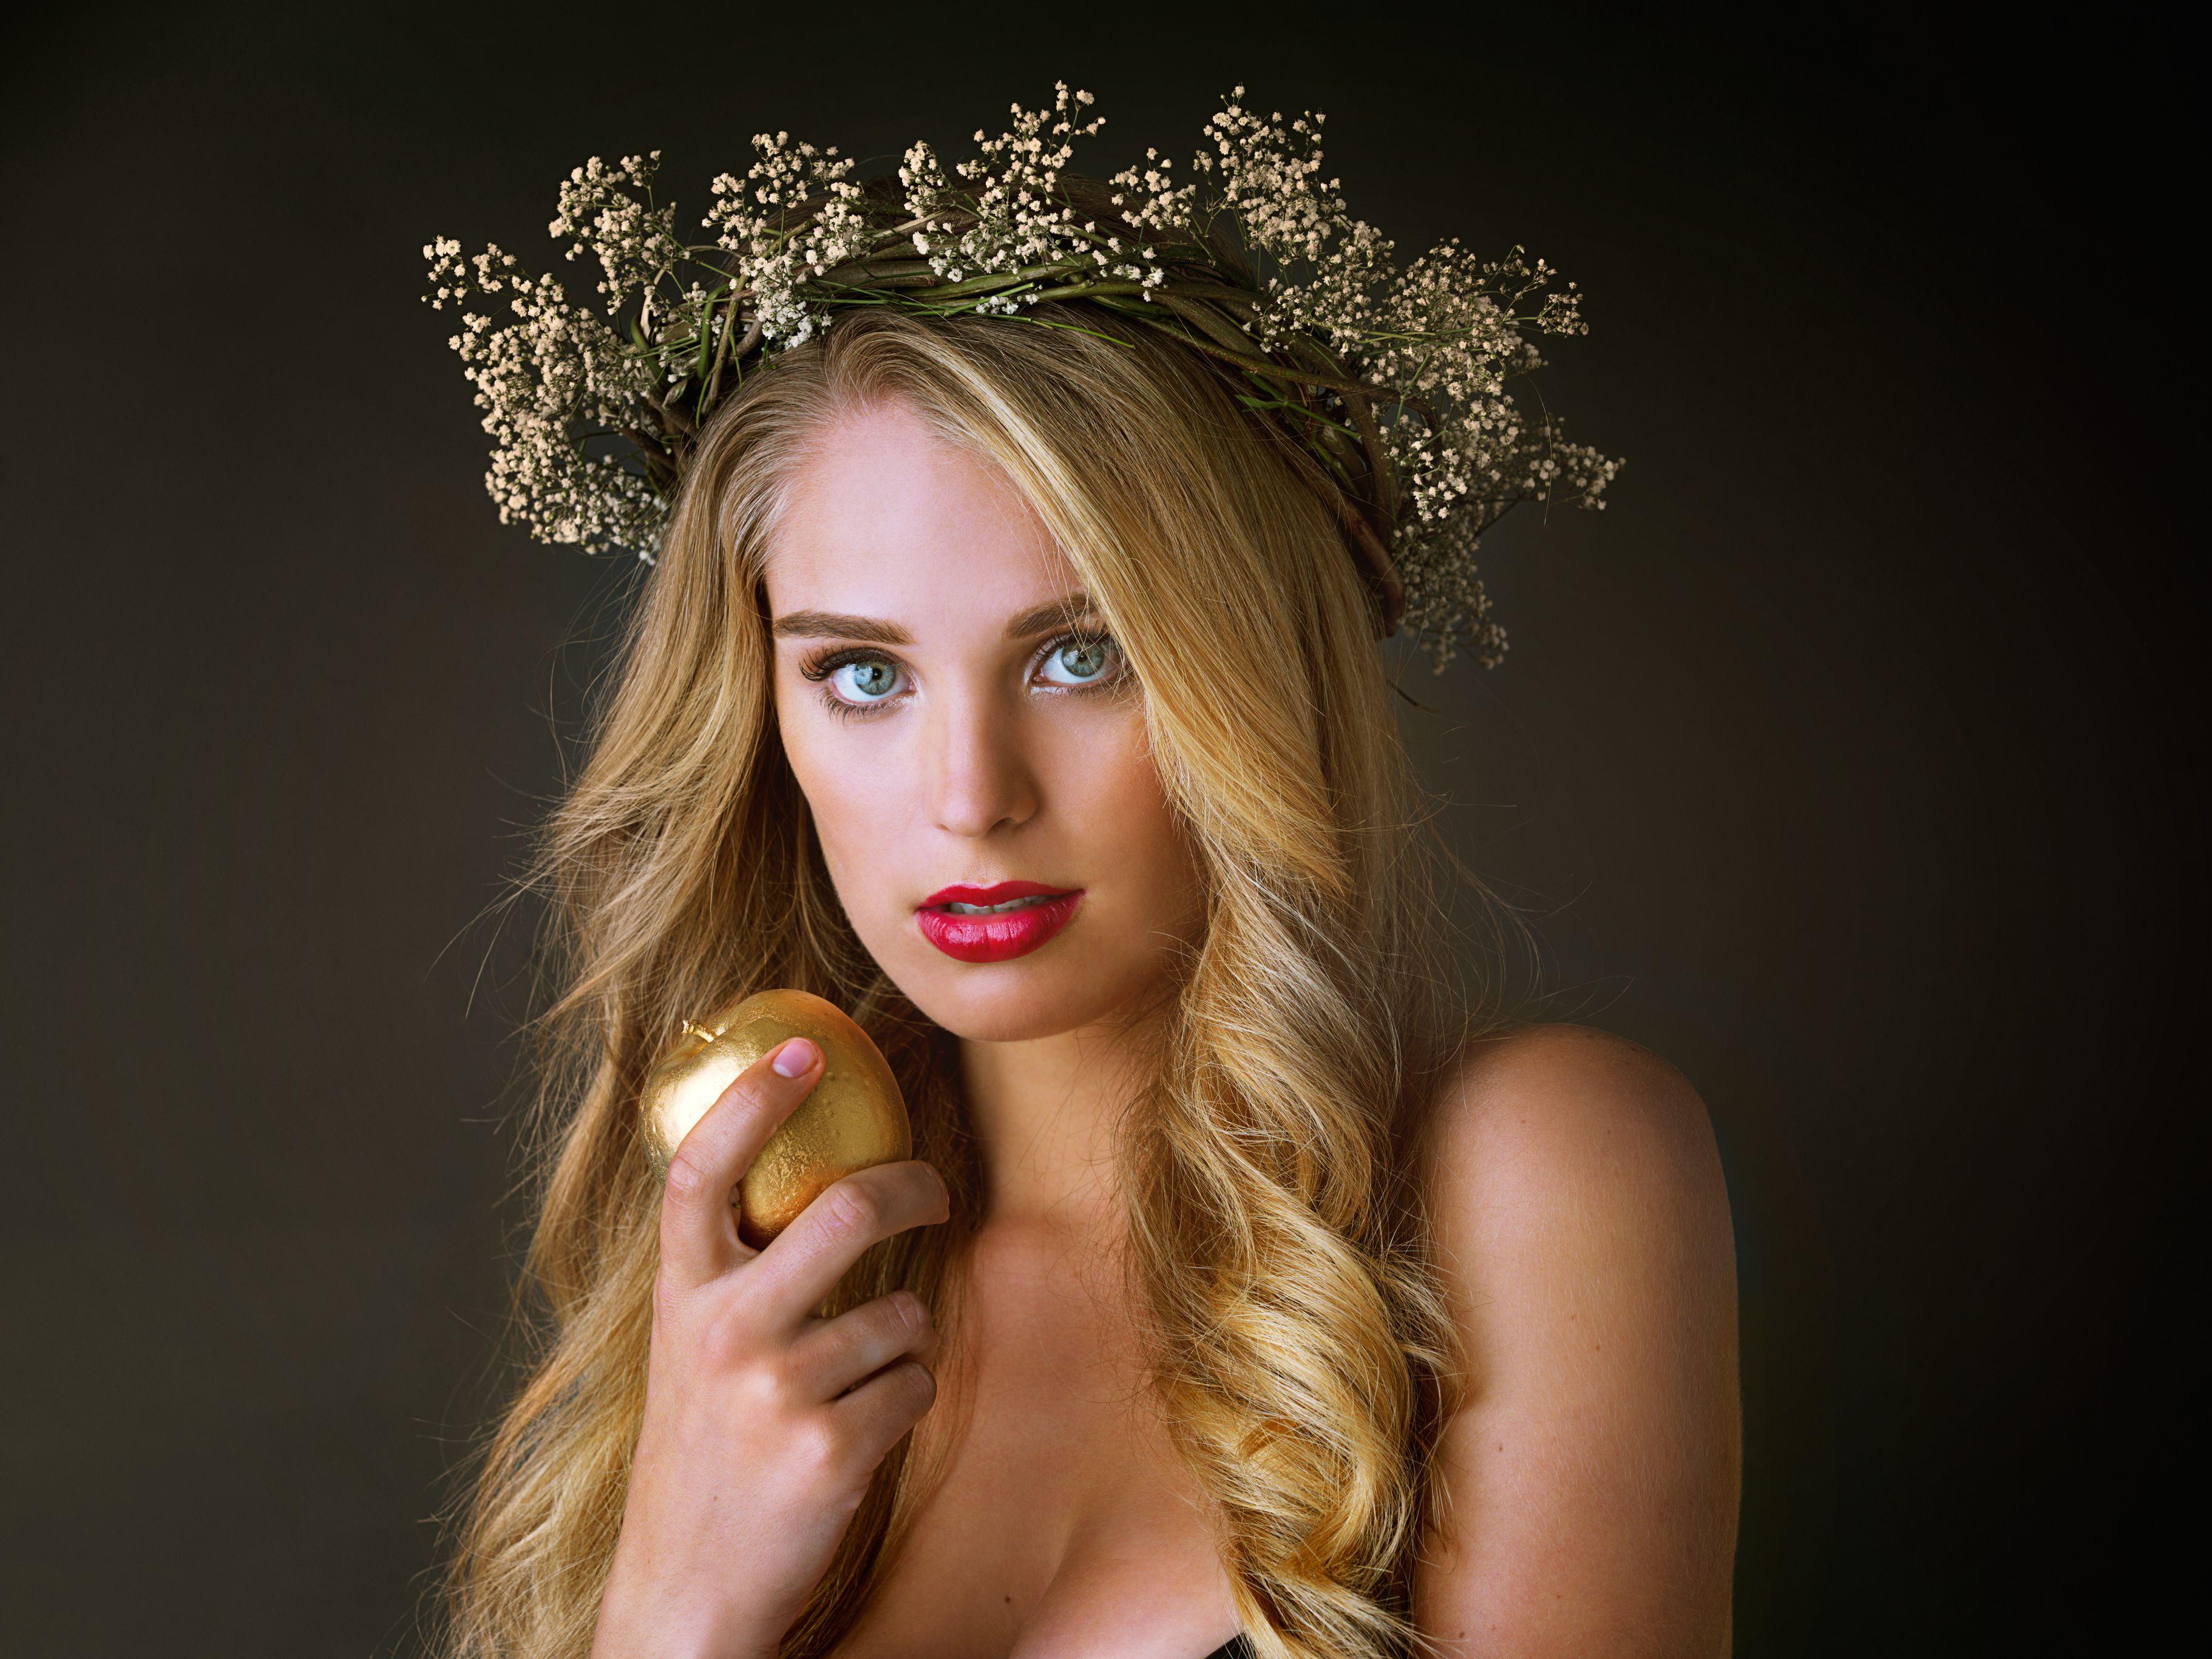 Goddess with golden apple